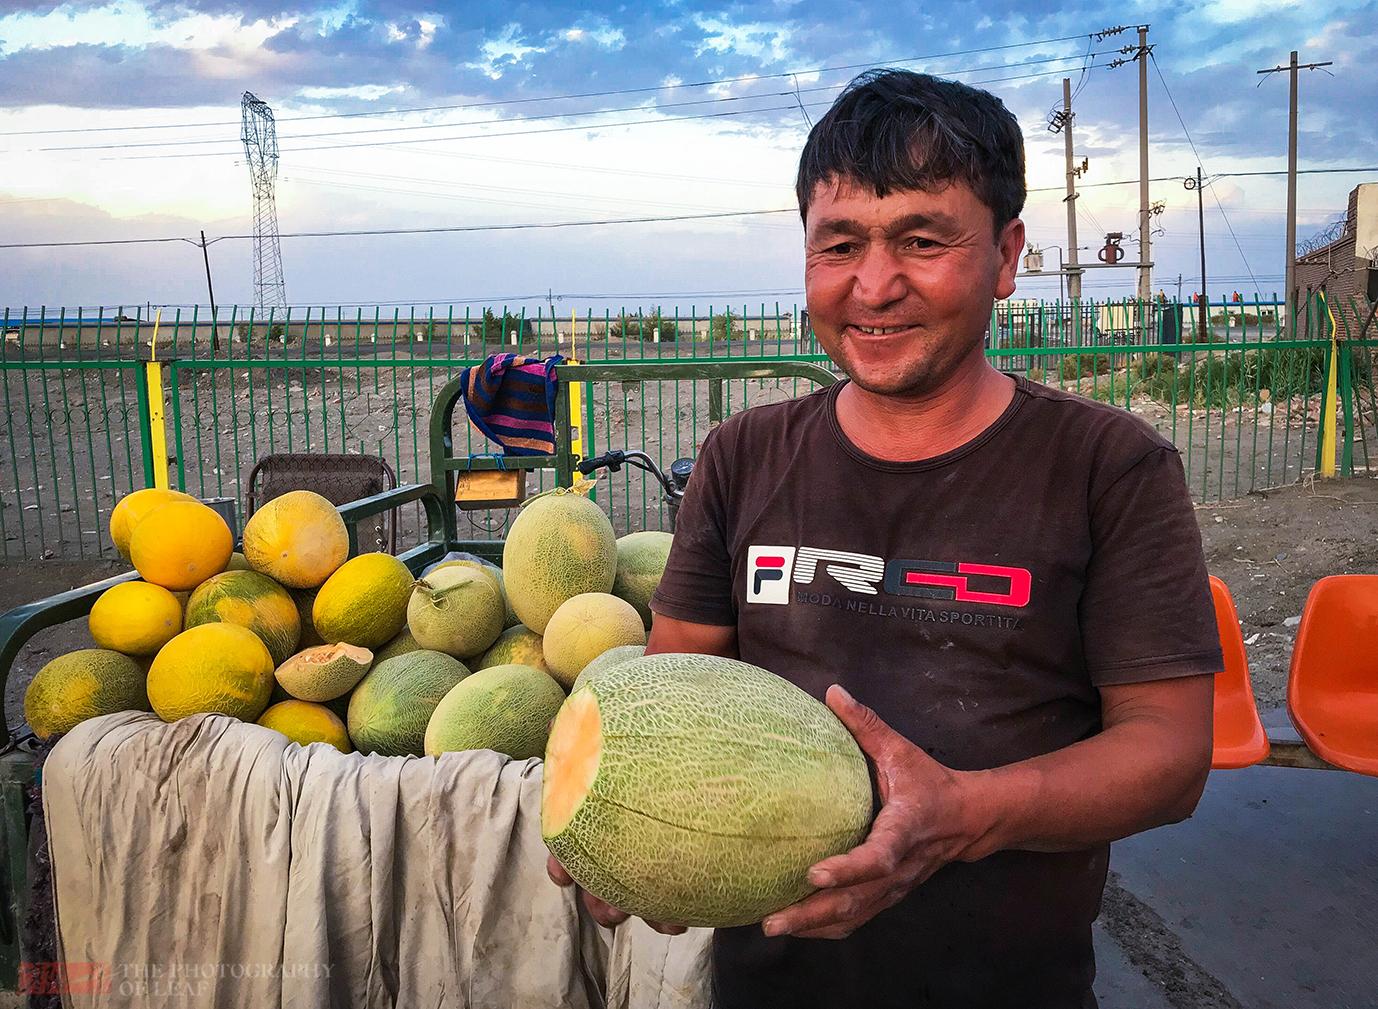 新疆大哥路边卖哈密瓜,1.5元一斤,吃完手上一层黏糊糊的东西